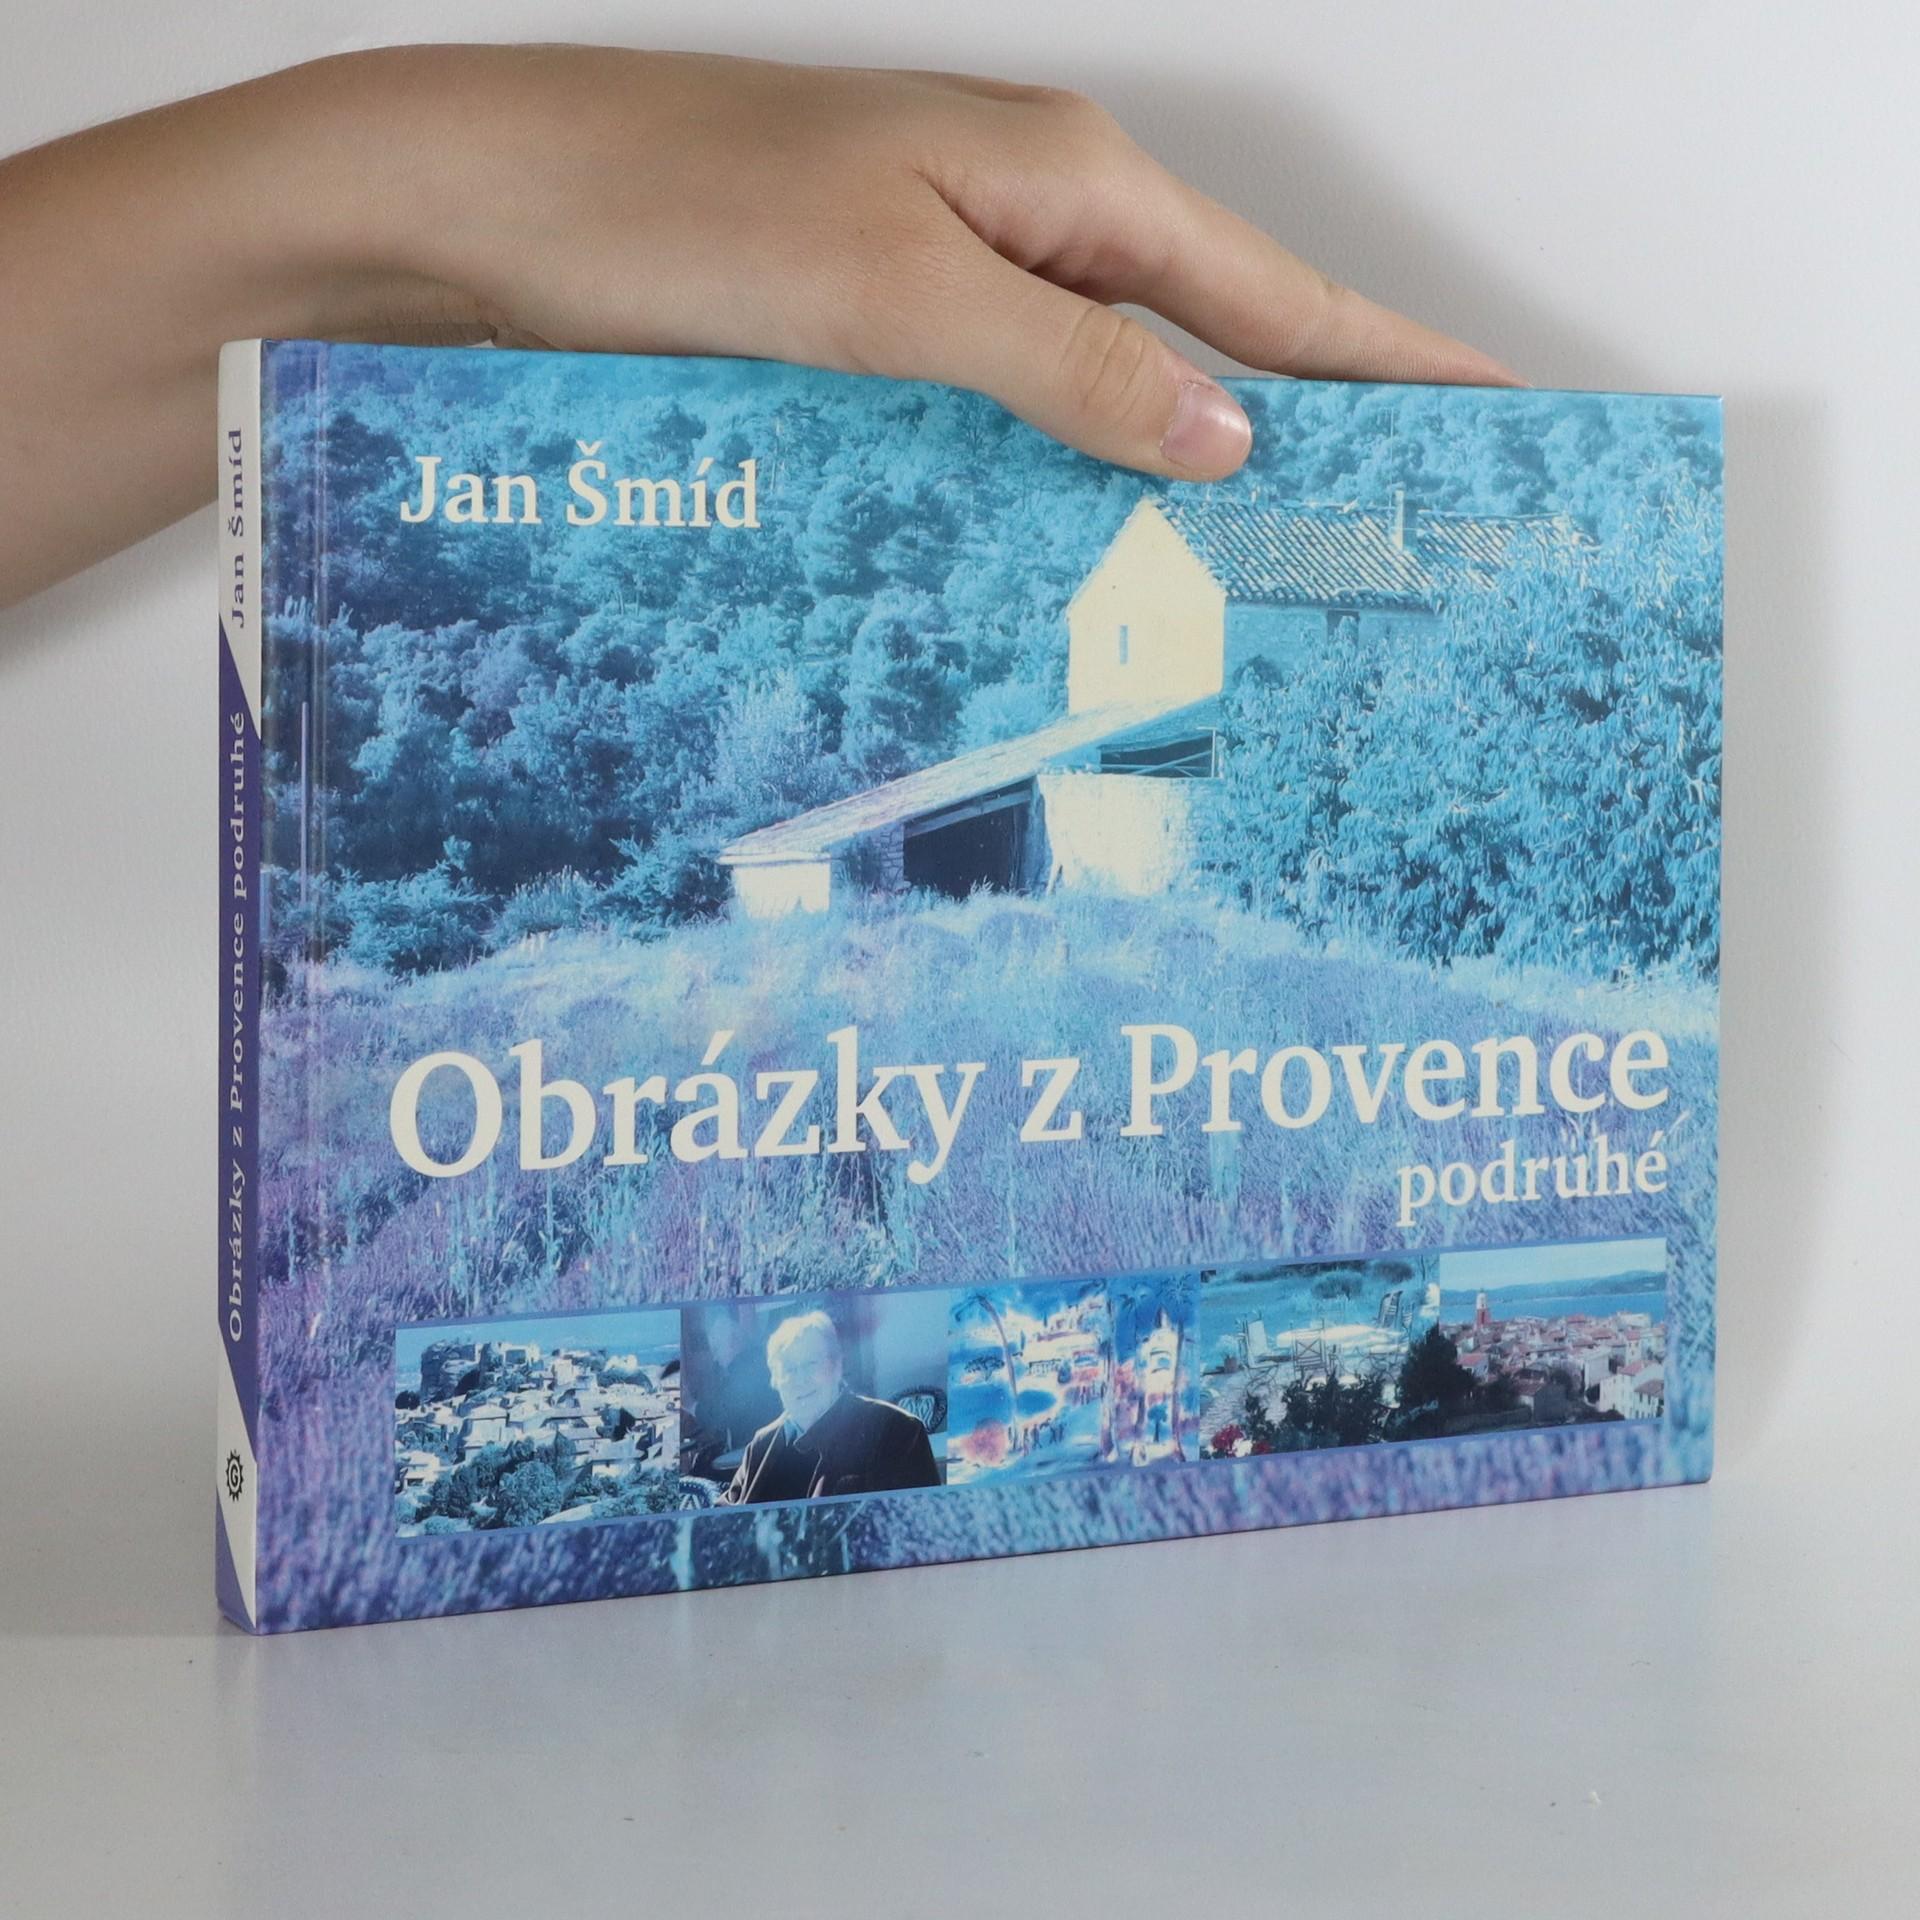 antikvární kniha Obrázky z Provence podruhé, 2008